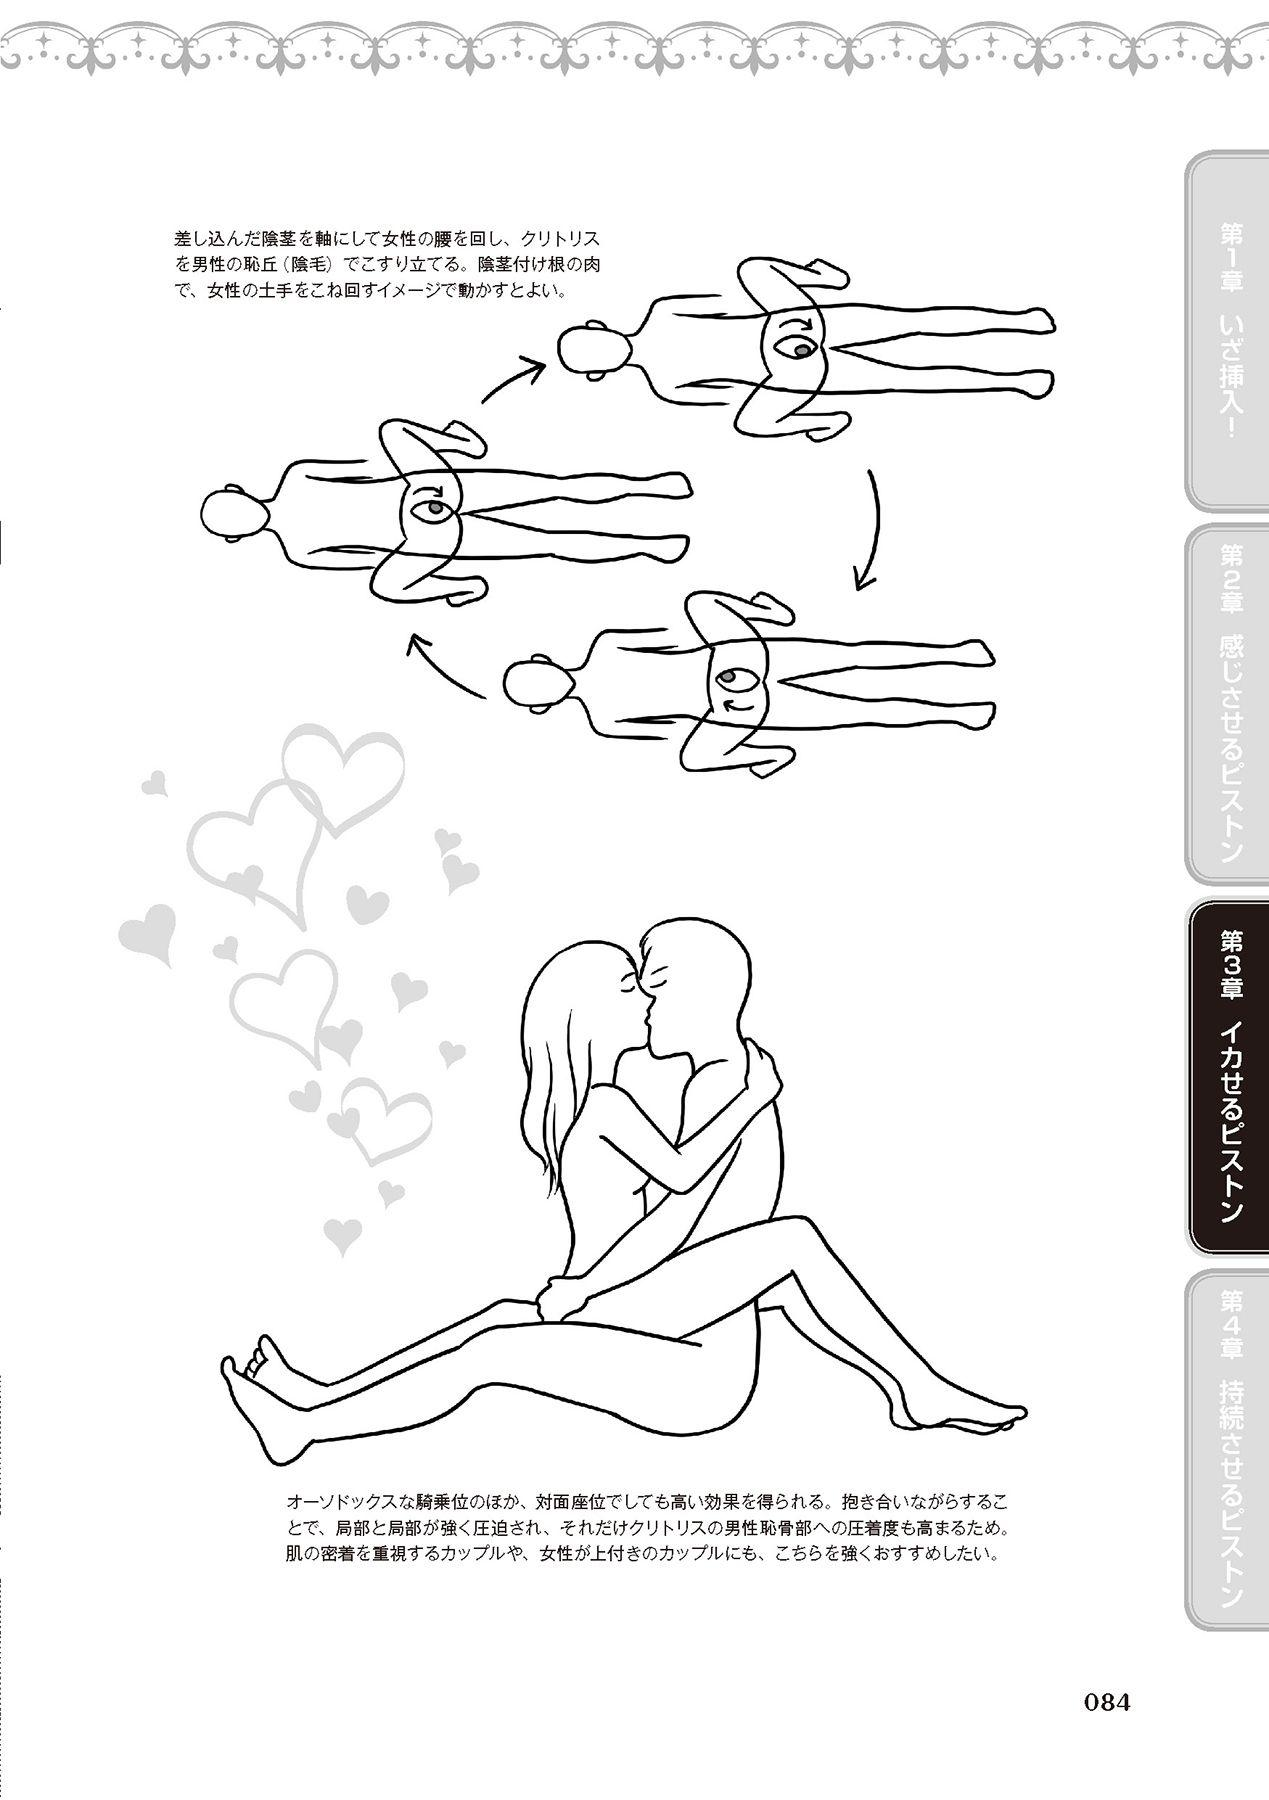 膣挿入&ピストン運動完全マニュアル イラスト版……ピスとんッ! 85